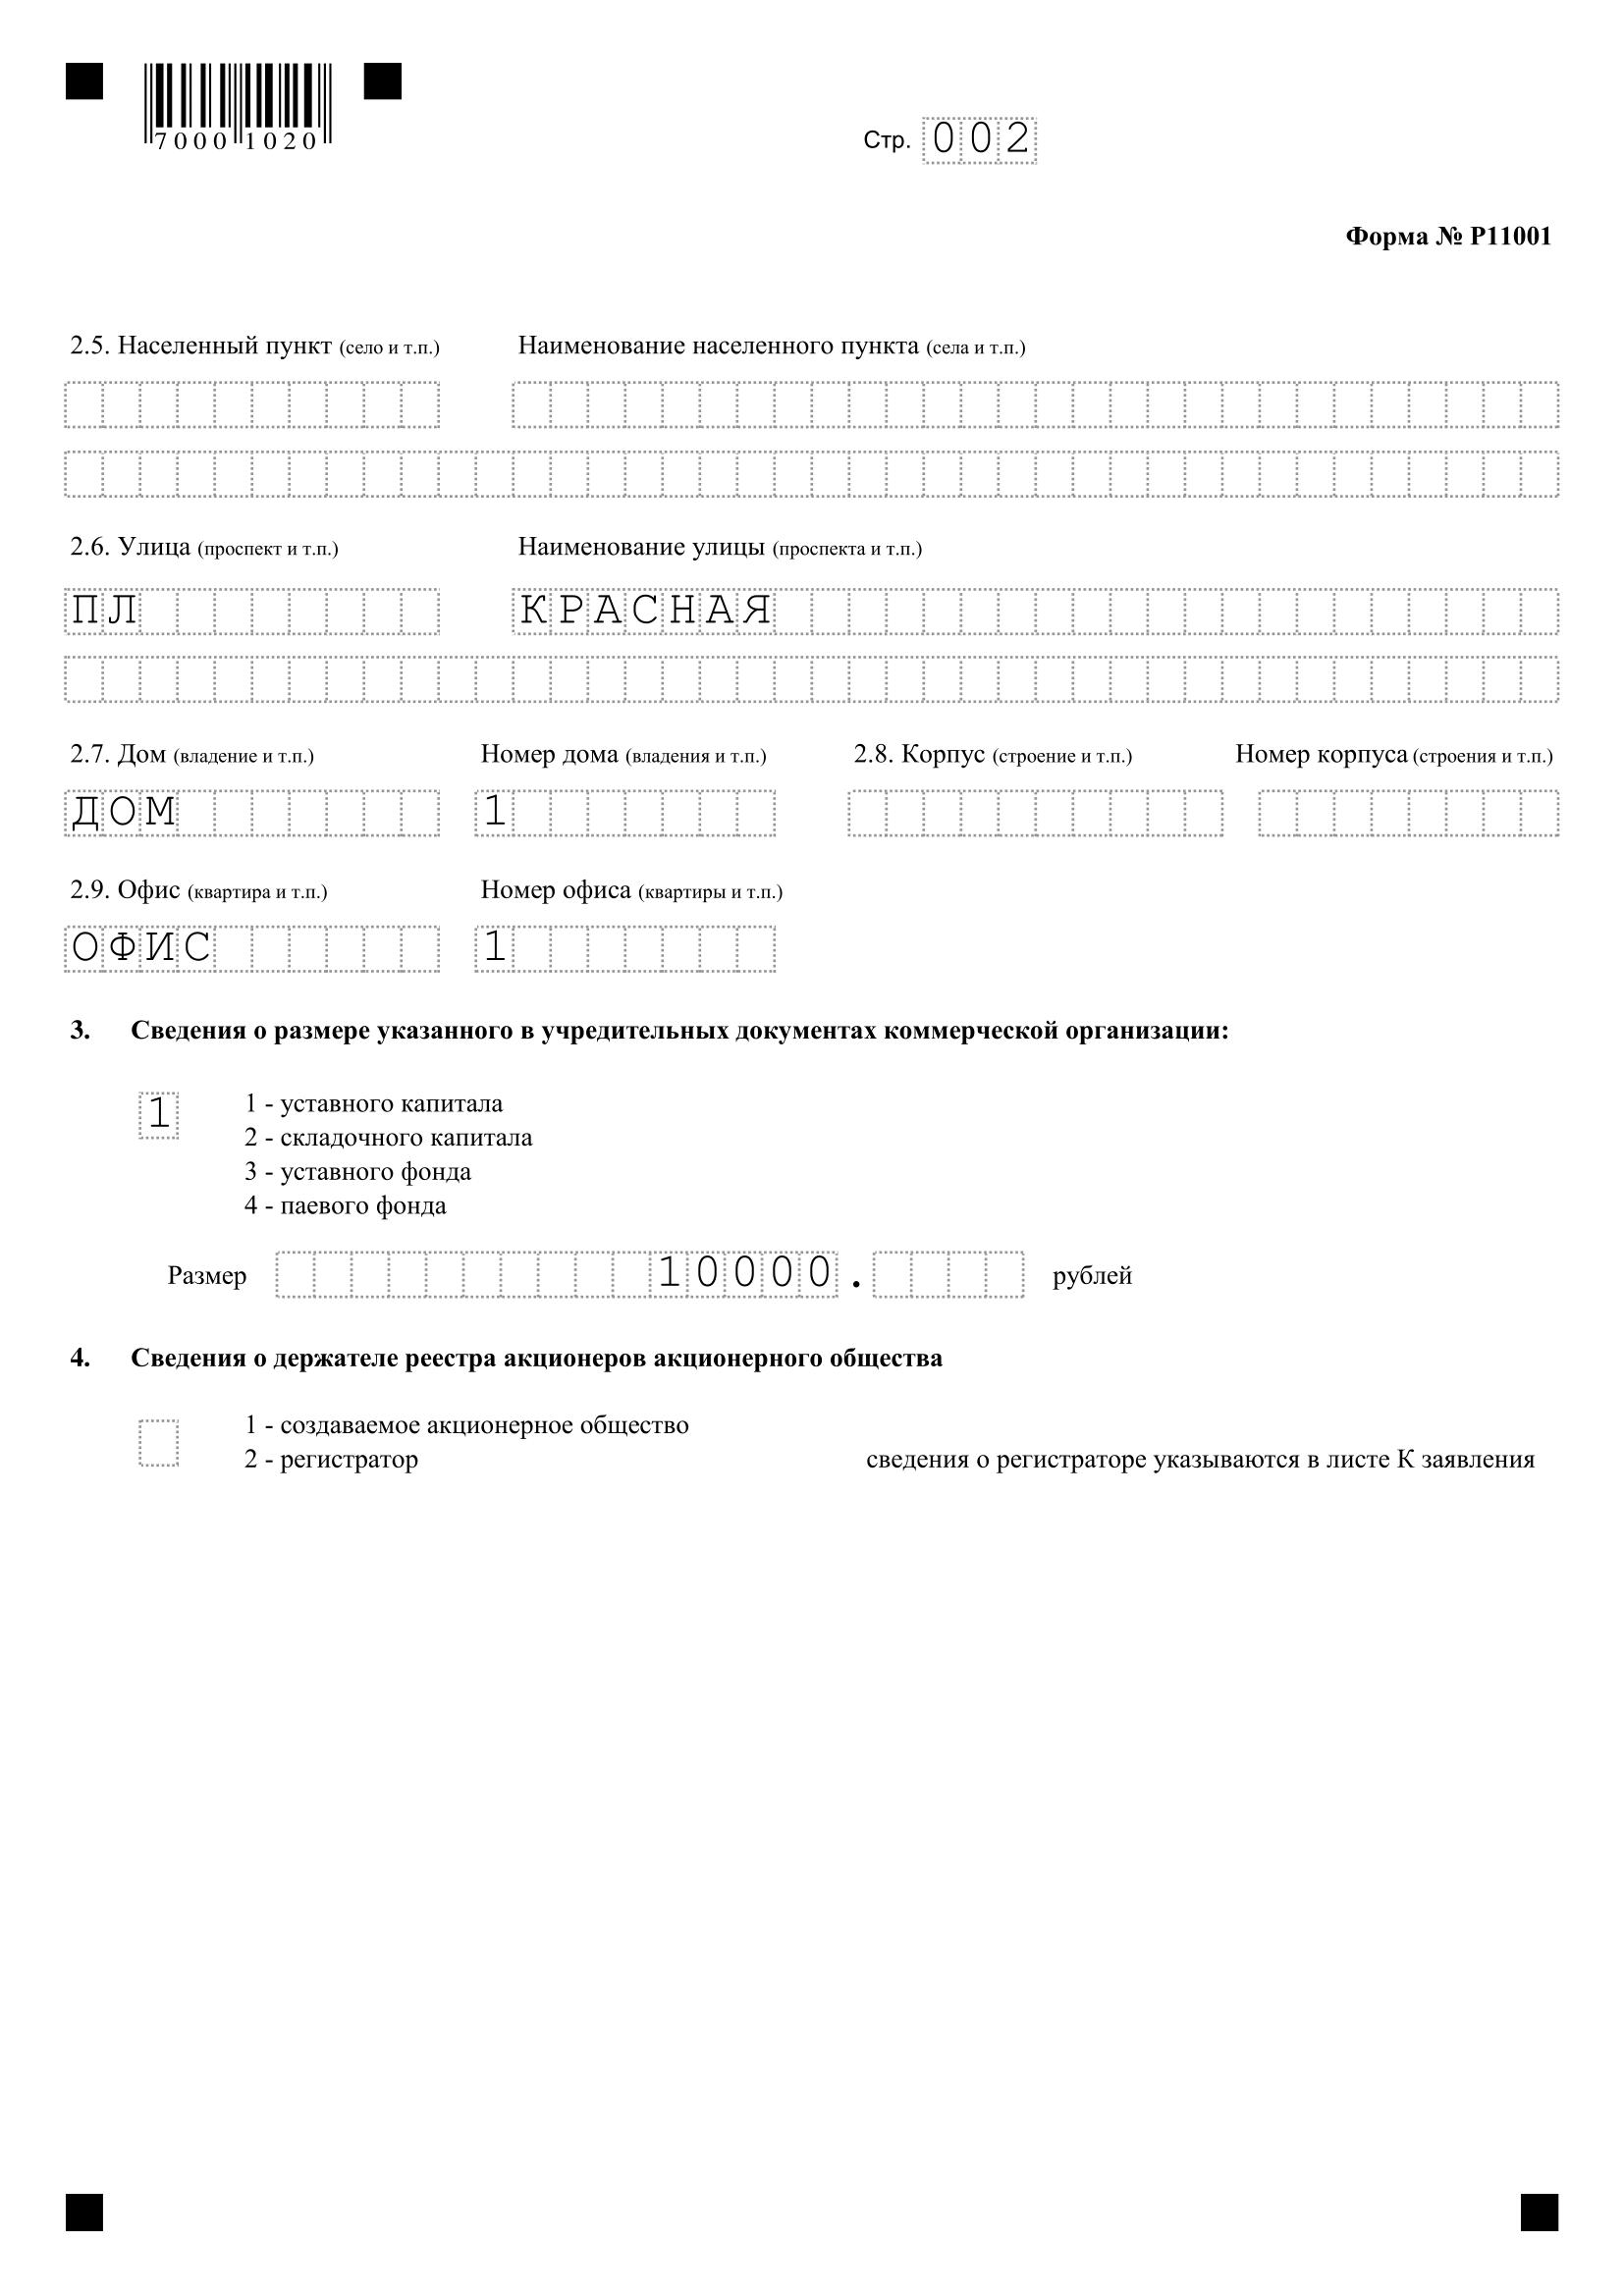 Новая форма заявления о регистрации ооо пауза